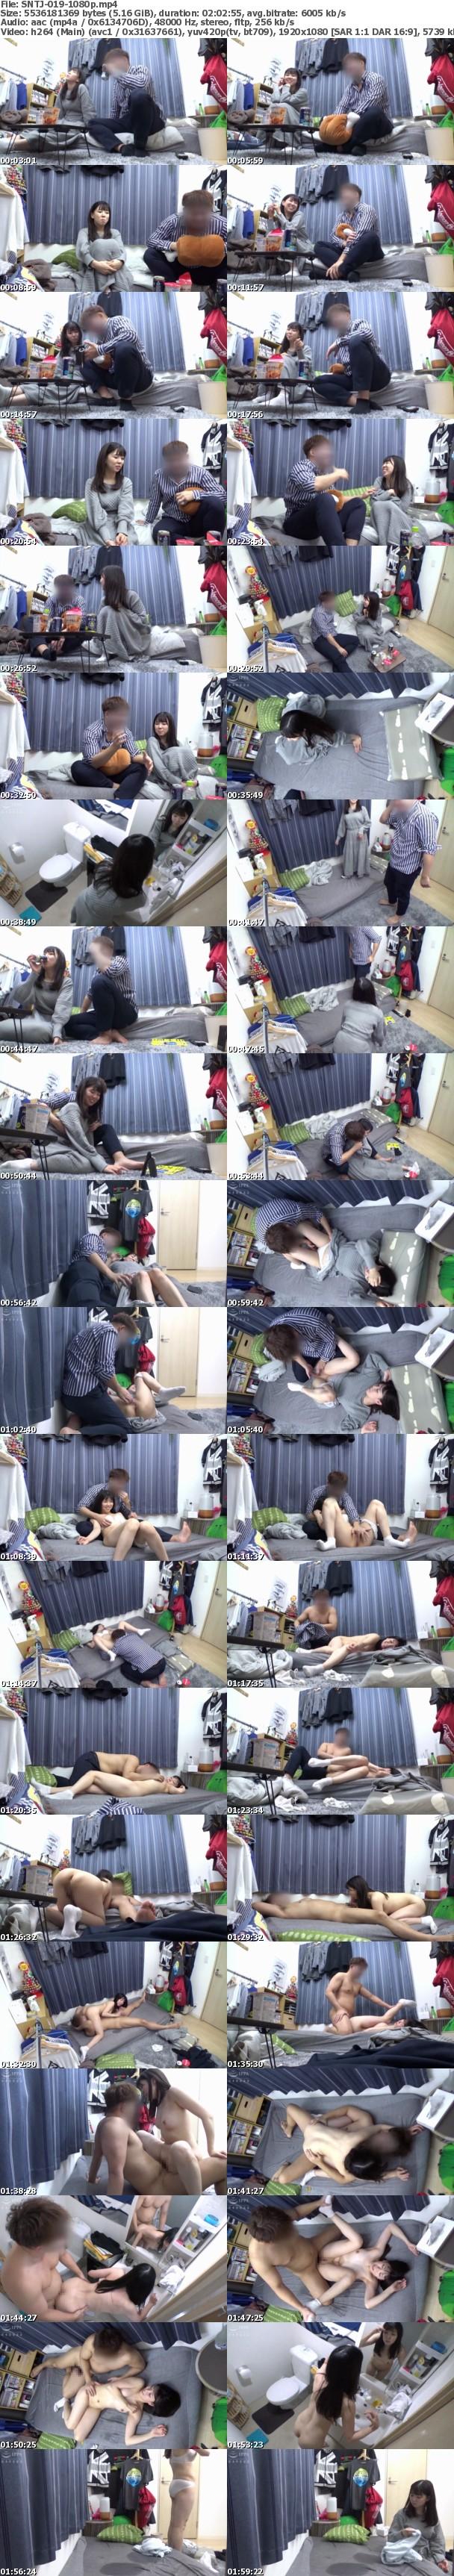 (Full HD) SNTJ-019 ナンパ連れ込みSEX隠し撮り・そのまま勝手にAV発売。する元ラグビー選手 Vol.19